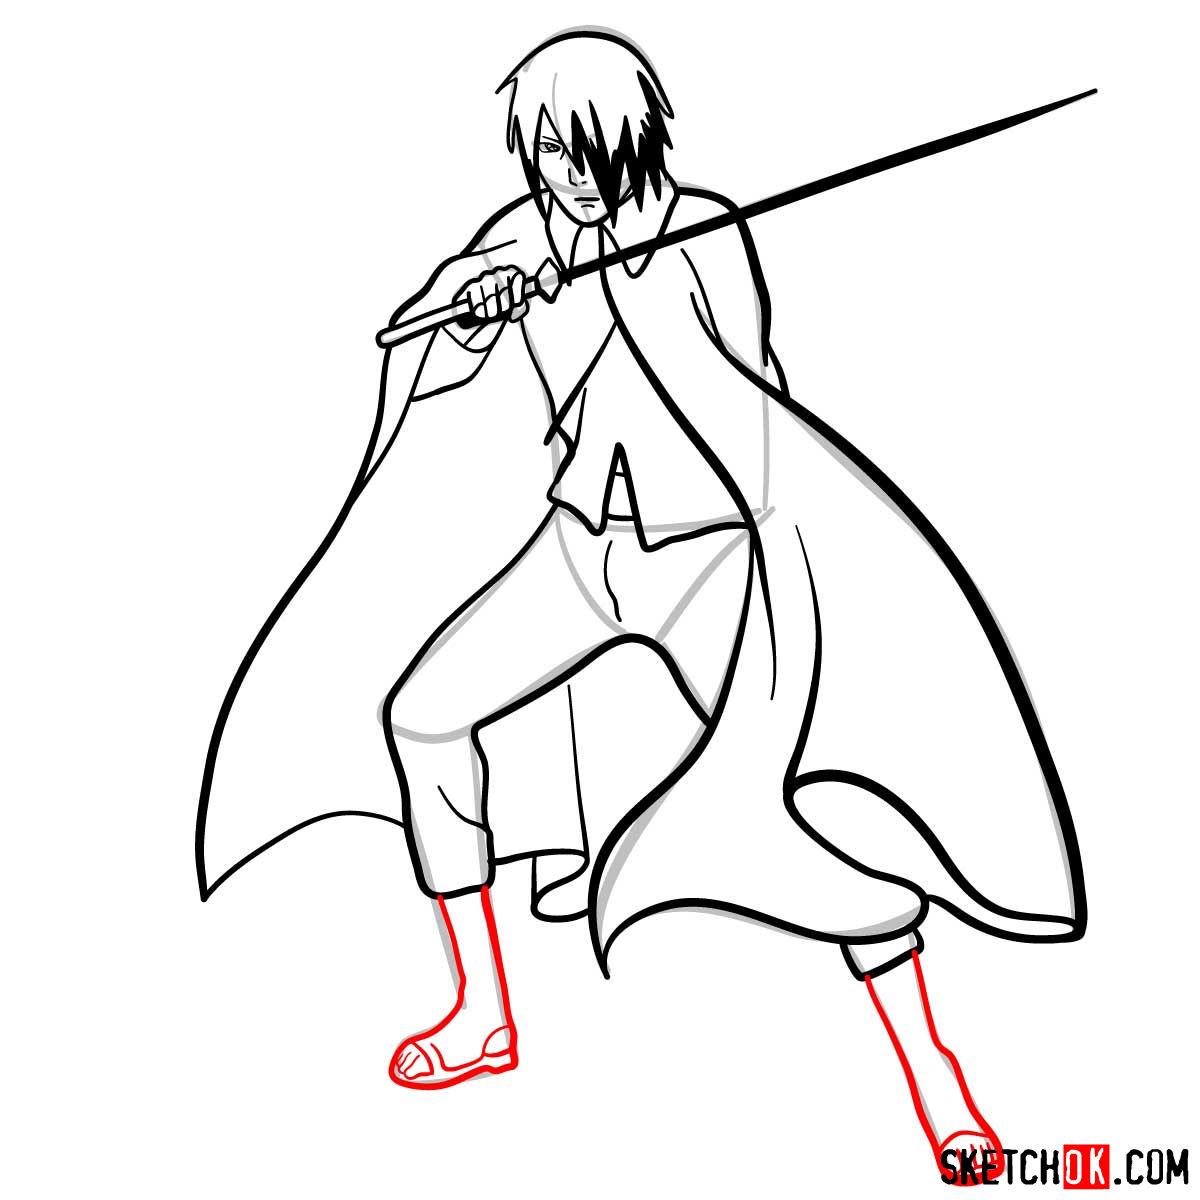 How to draw Sasuke Uchiha from Naruto anime - step 12